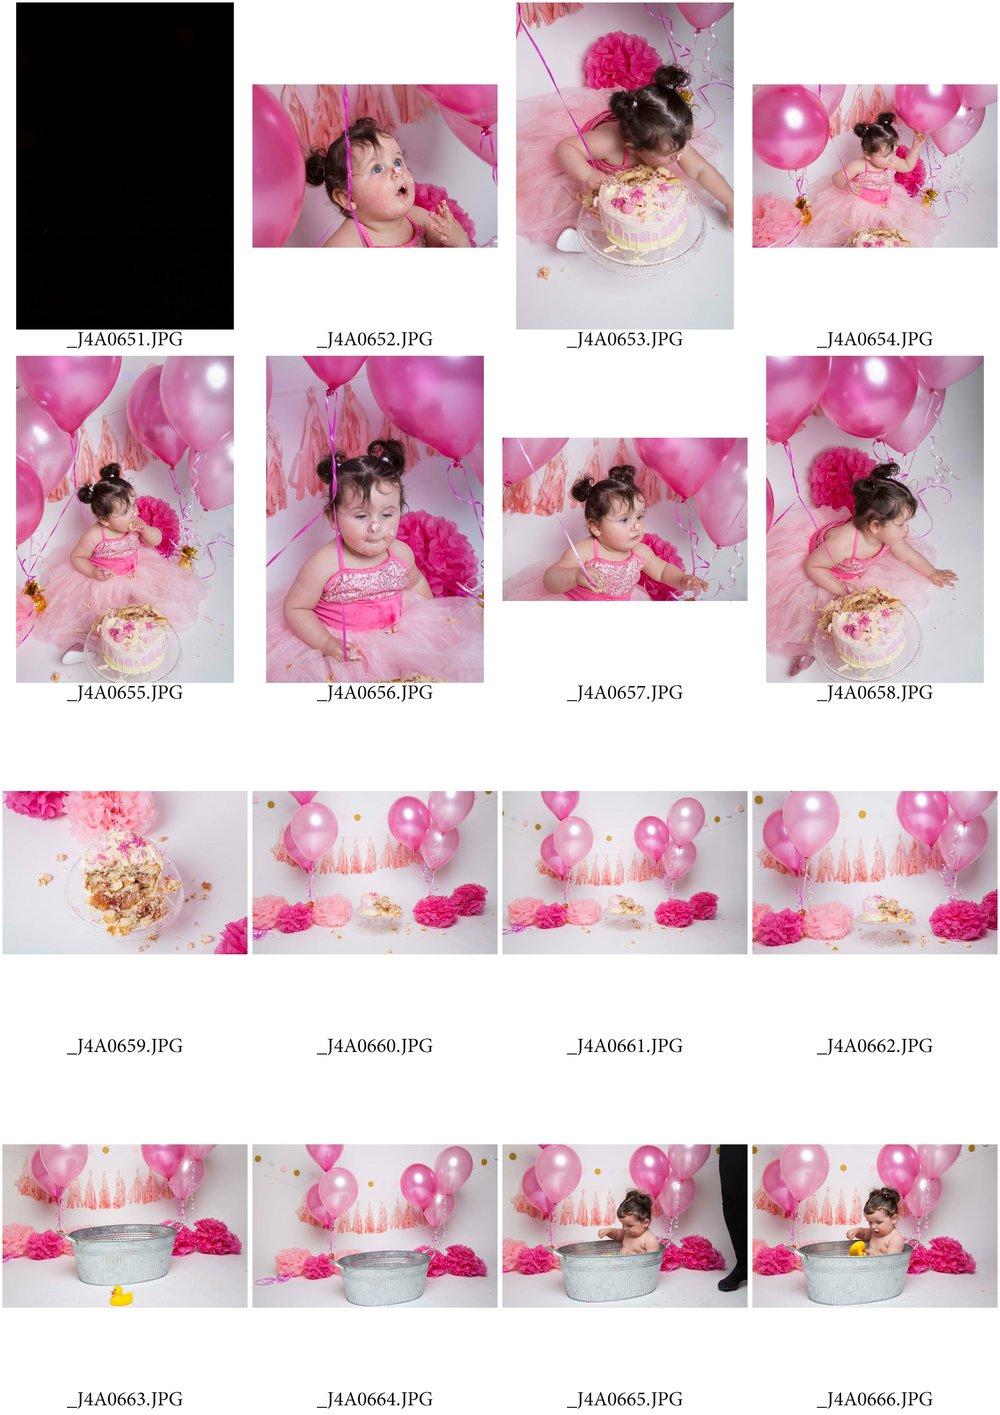 ContactSheet-017 copy.jpg